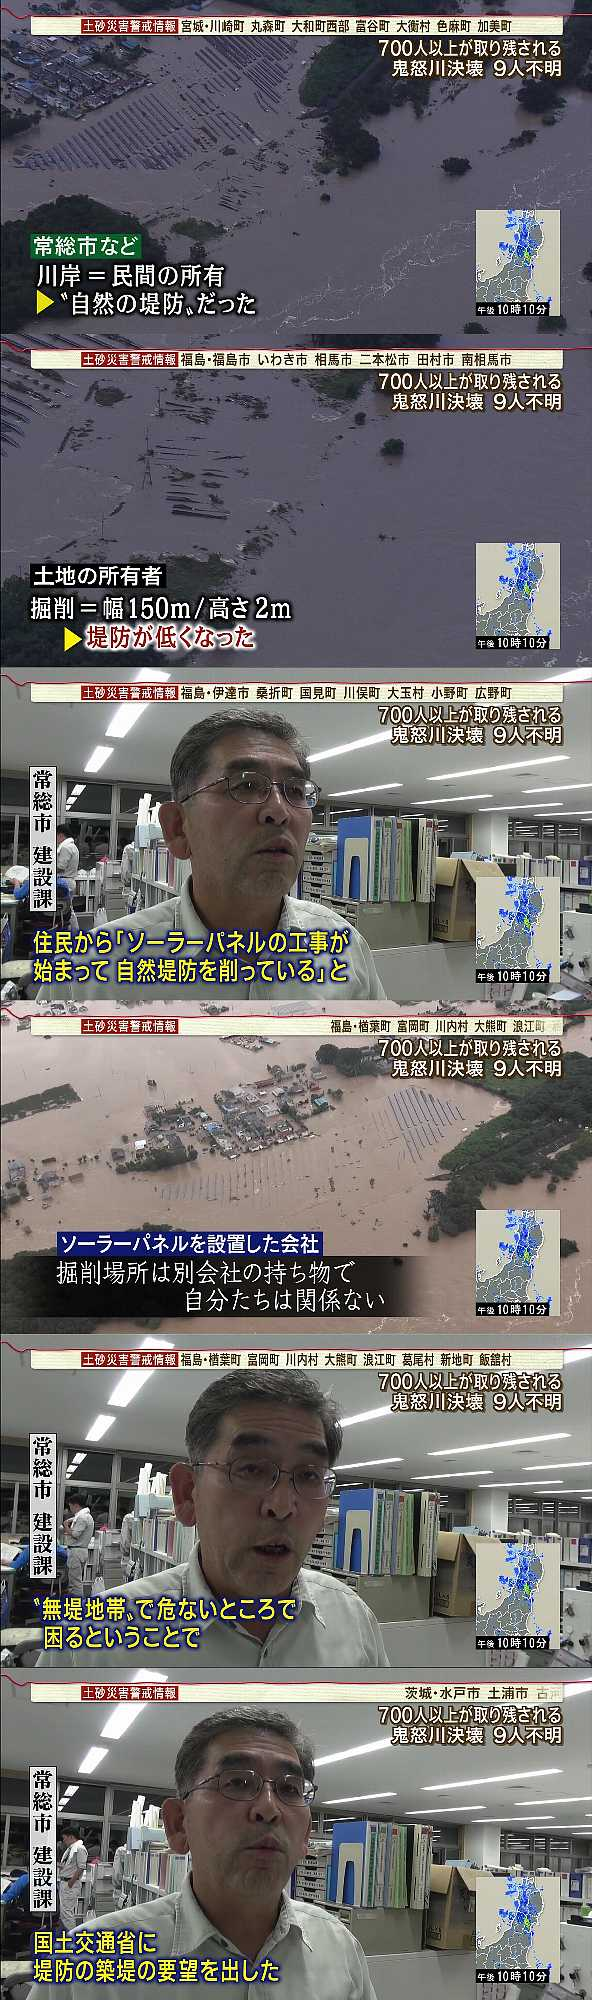 栃木茨城豪雨災害8